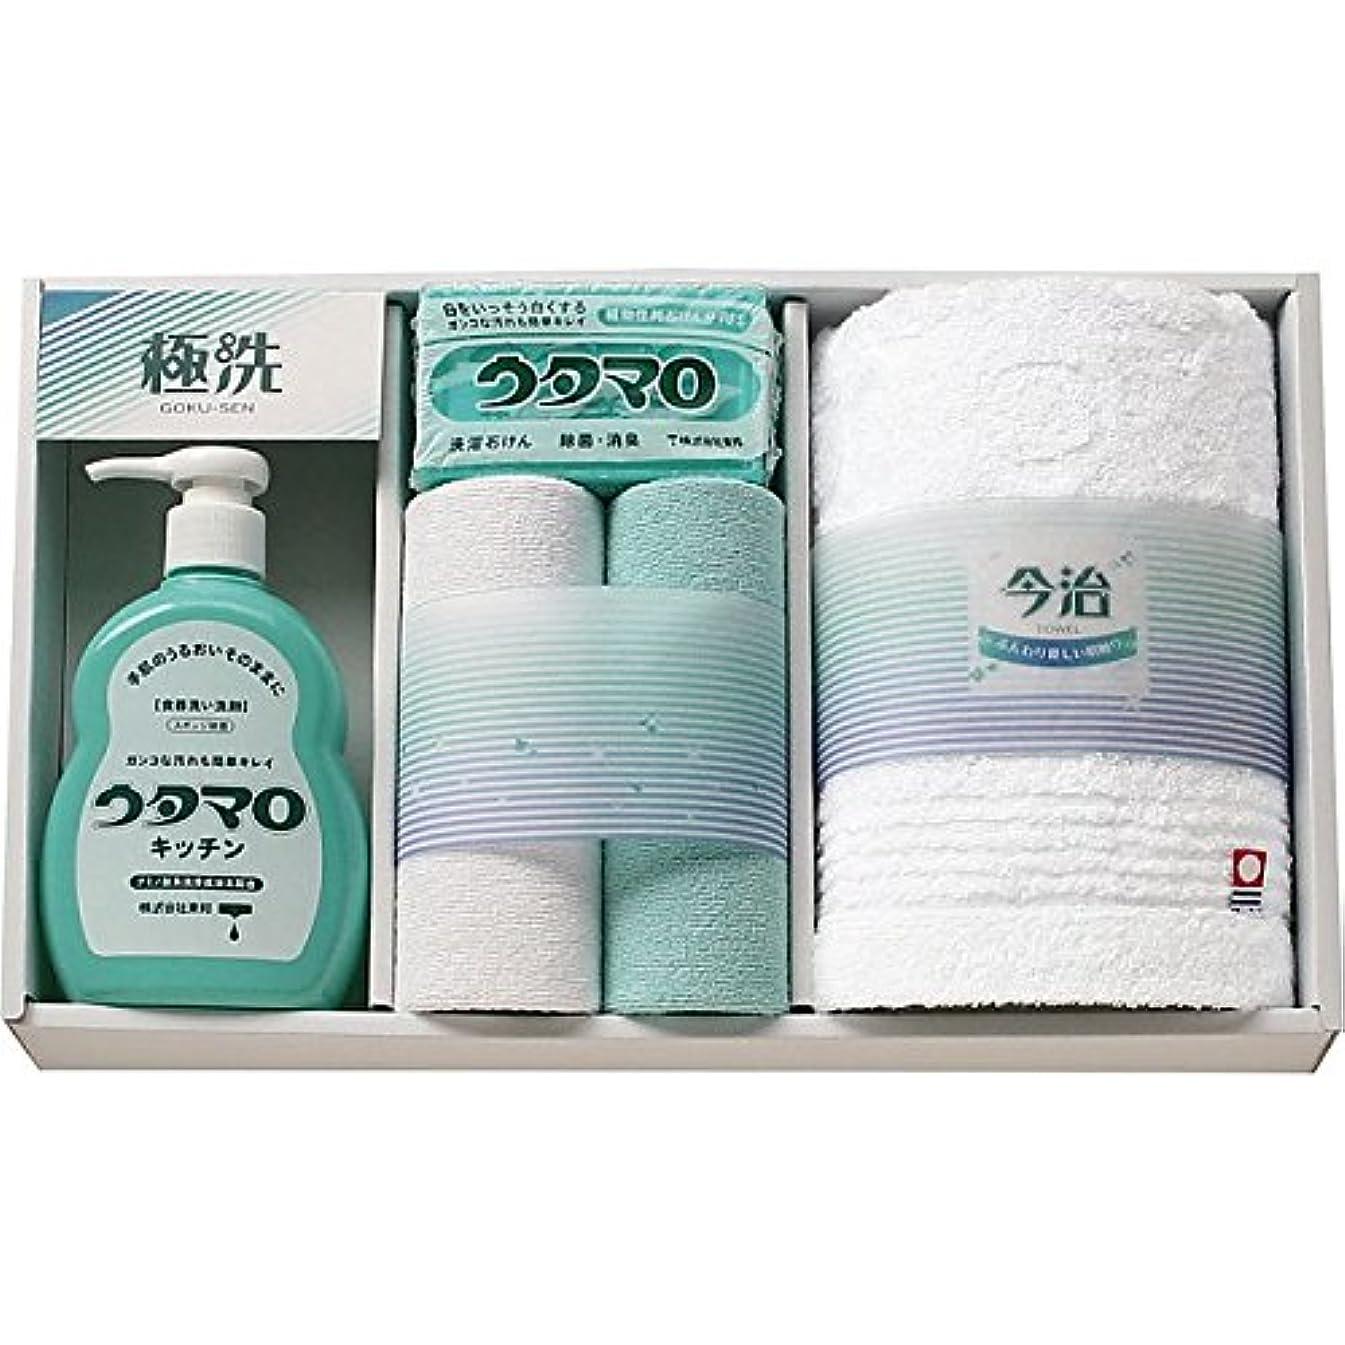 父方のエラープロトタイプ( ウタマロ ) 石鹸?キッチン洗剤ギフト ( 835-1055r )